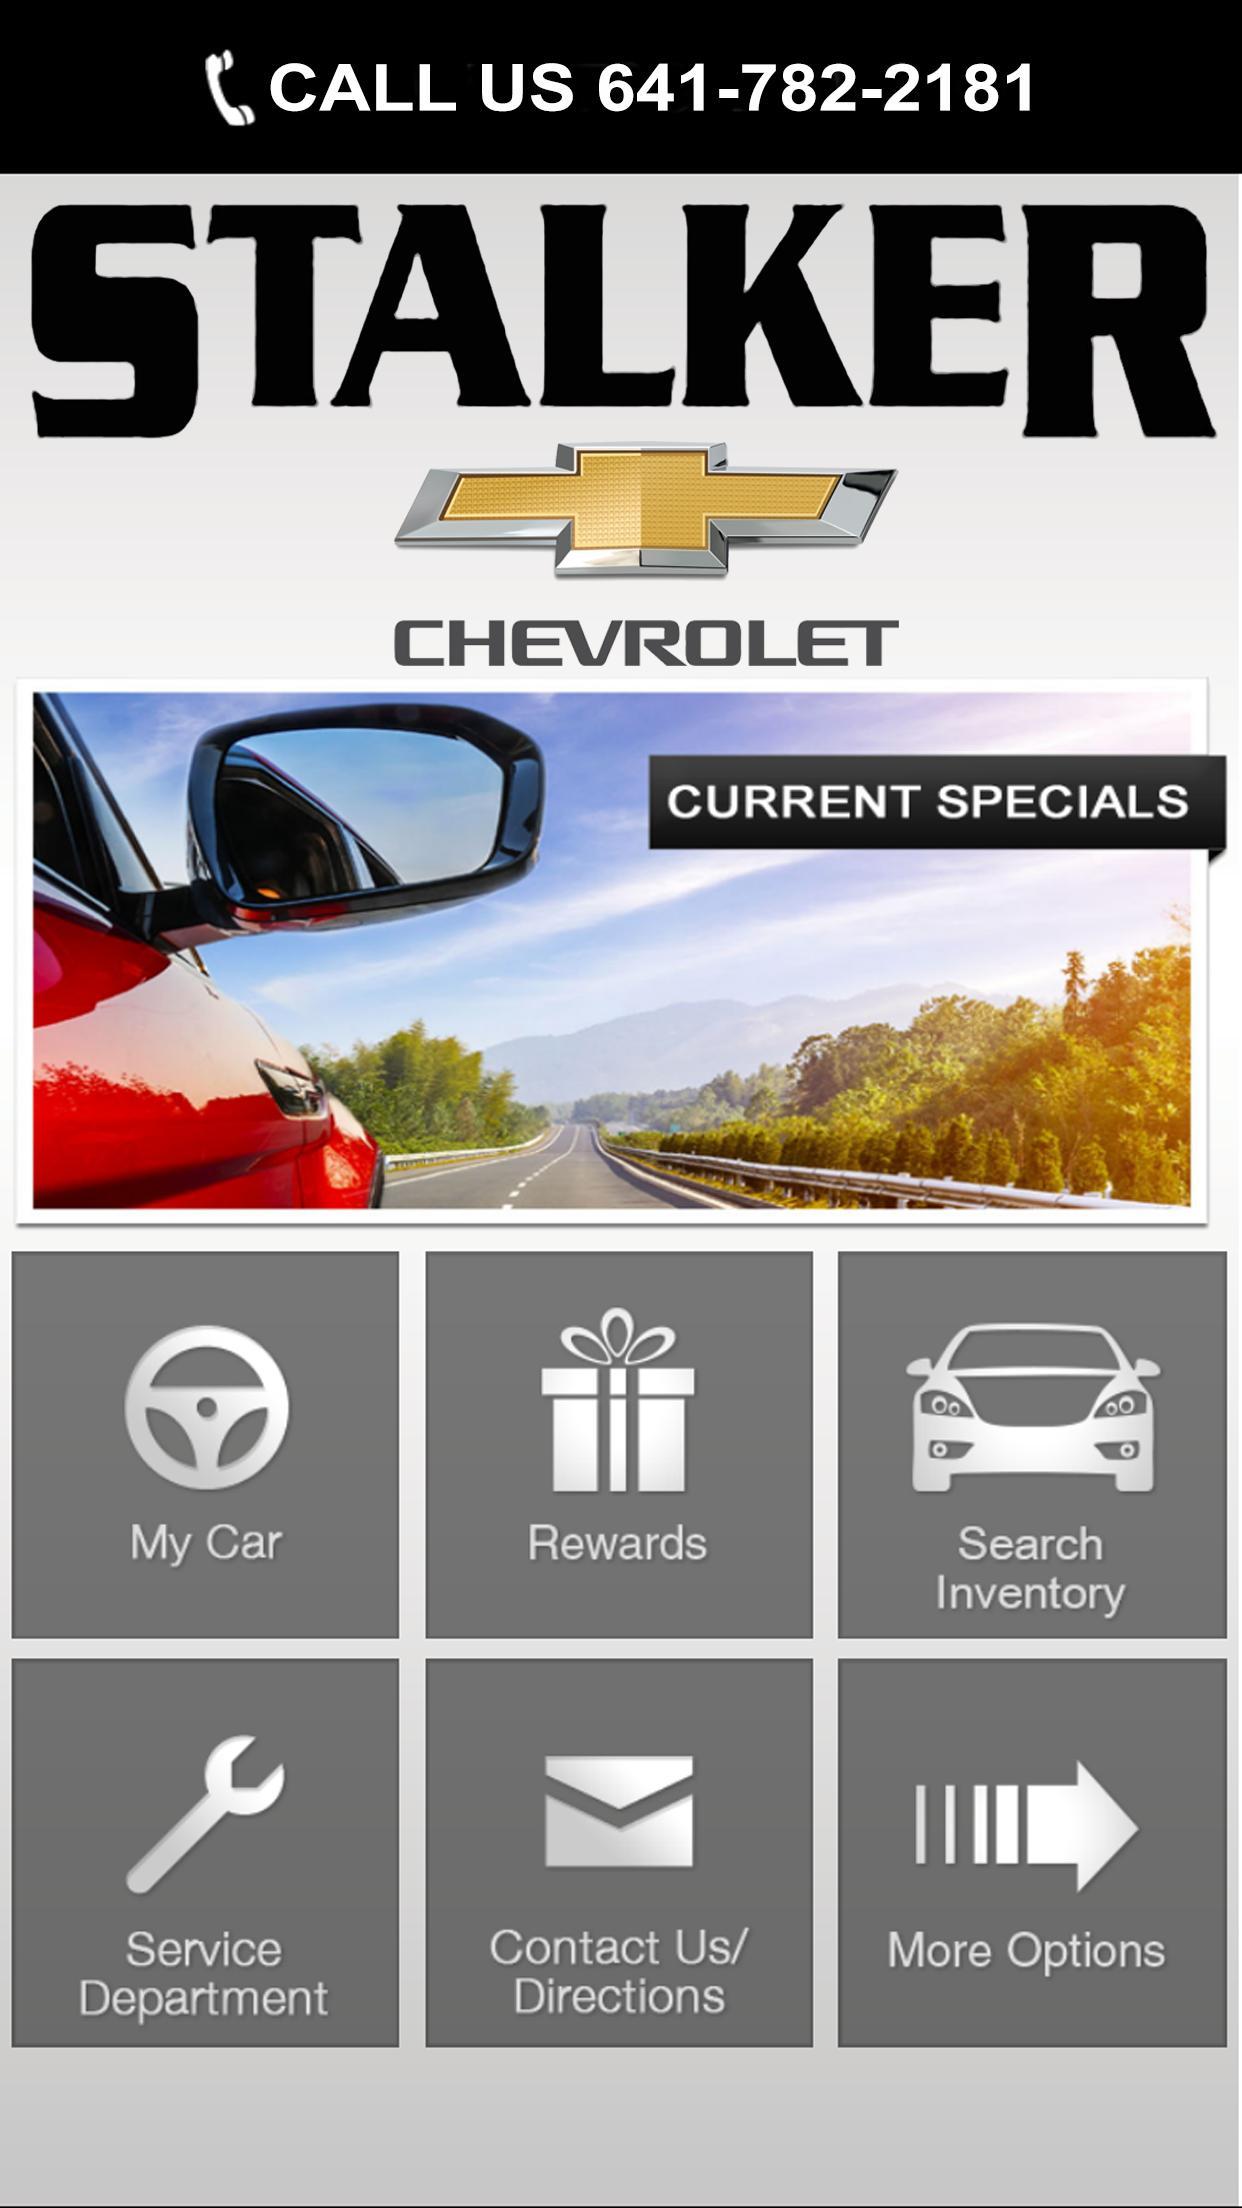 Stalker Chevrolet For Android Apk Download